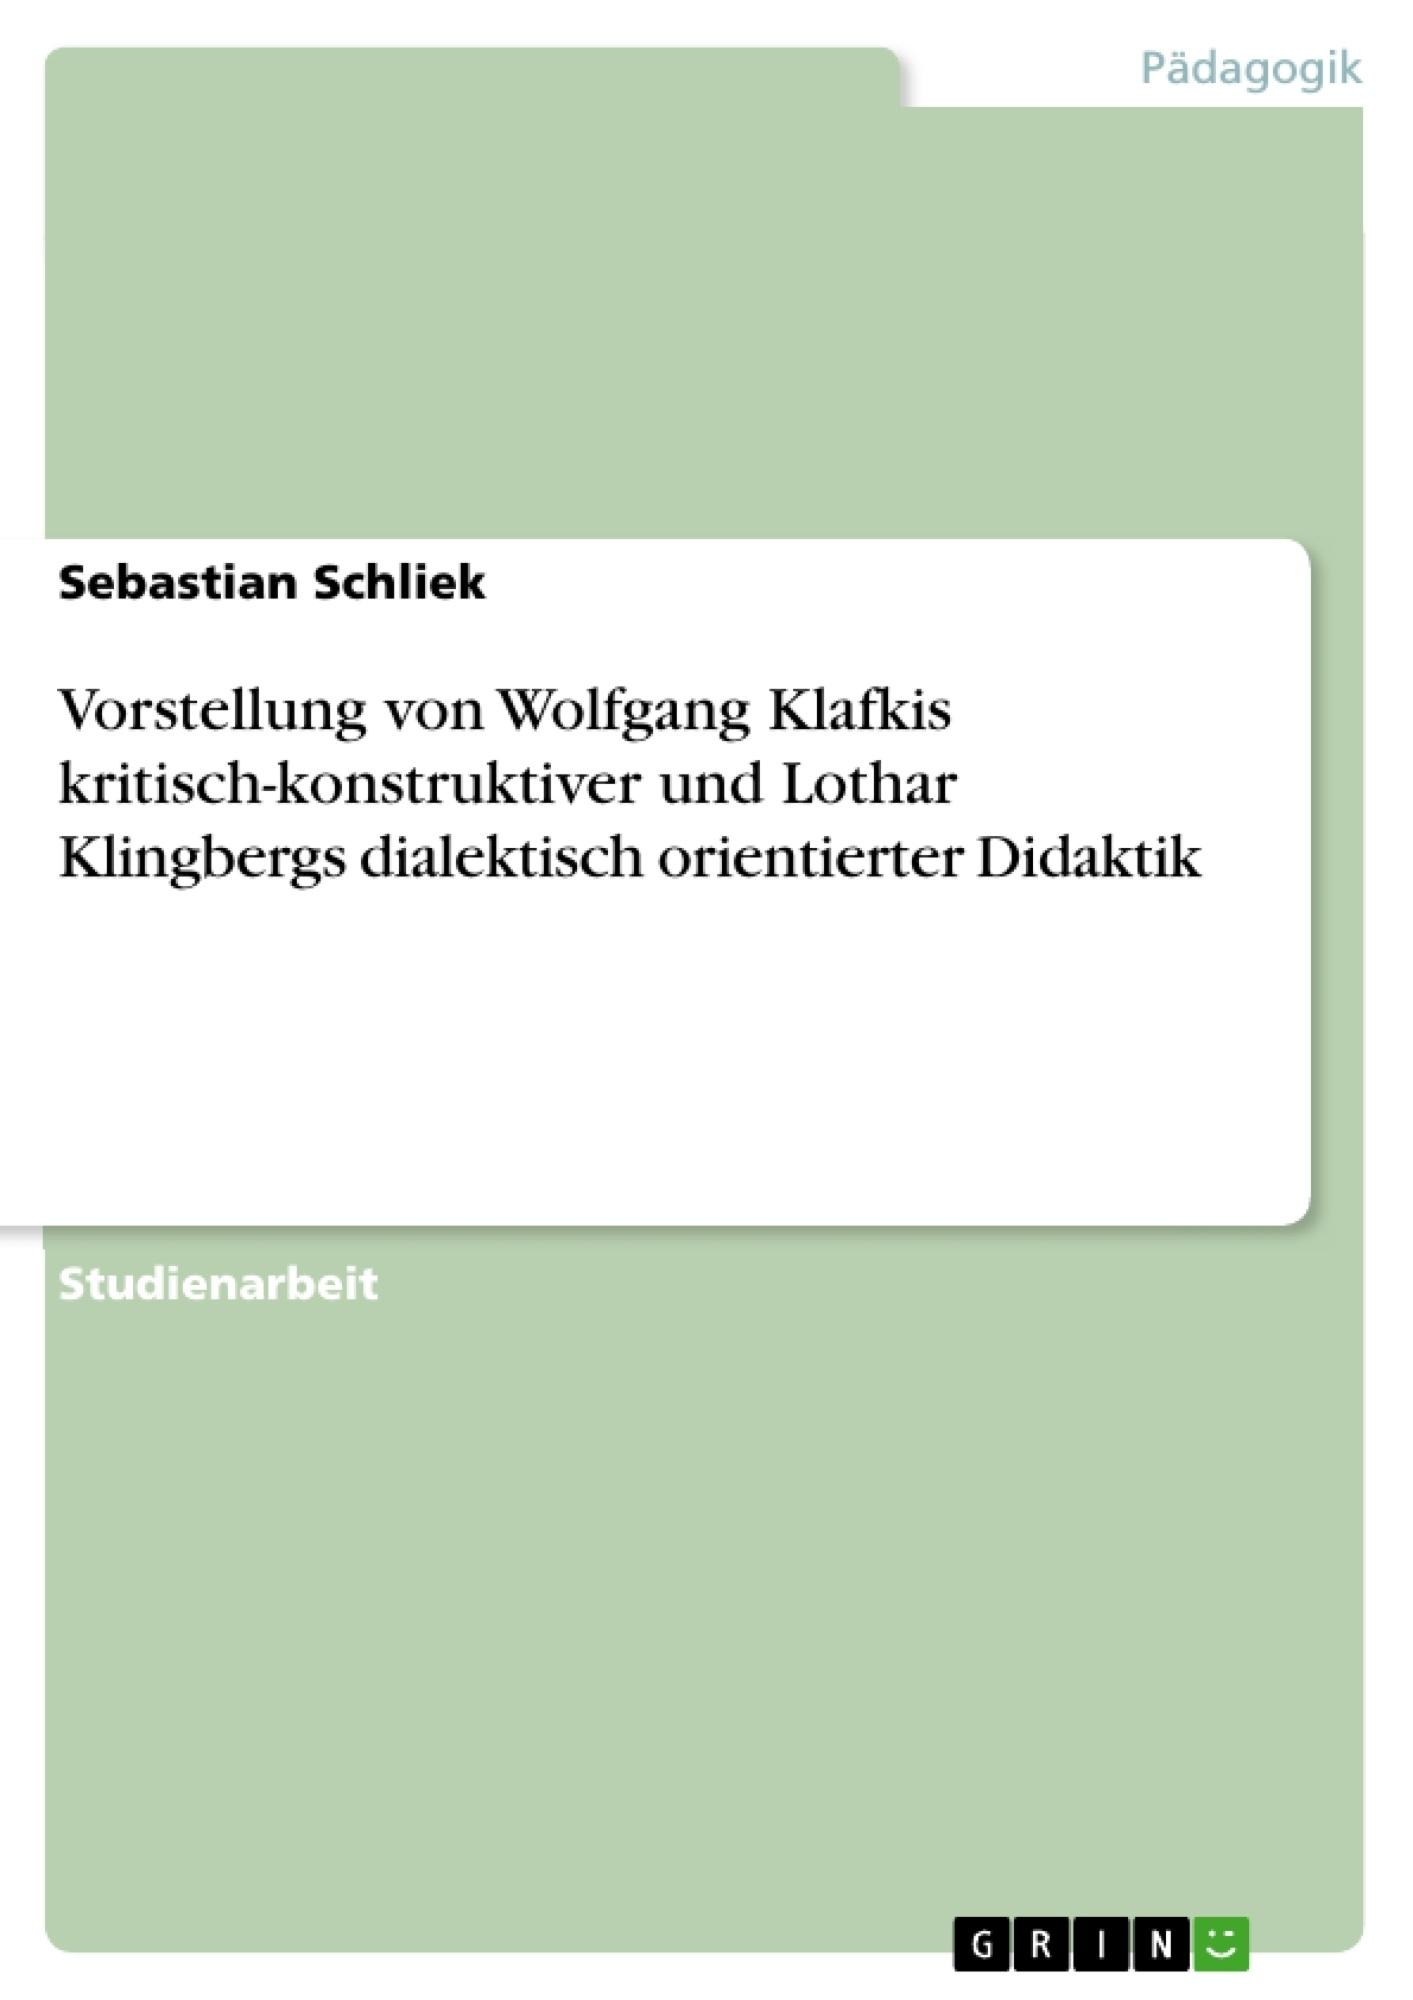 Titel: Vorstellung von Wolfgang Klafkis kritisch-konstruktiver und Lothar Klingbergs dialektisch orientierter Didaktik